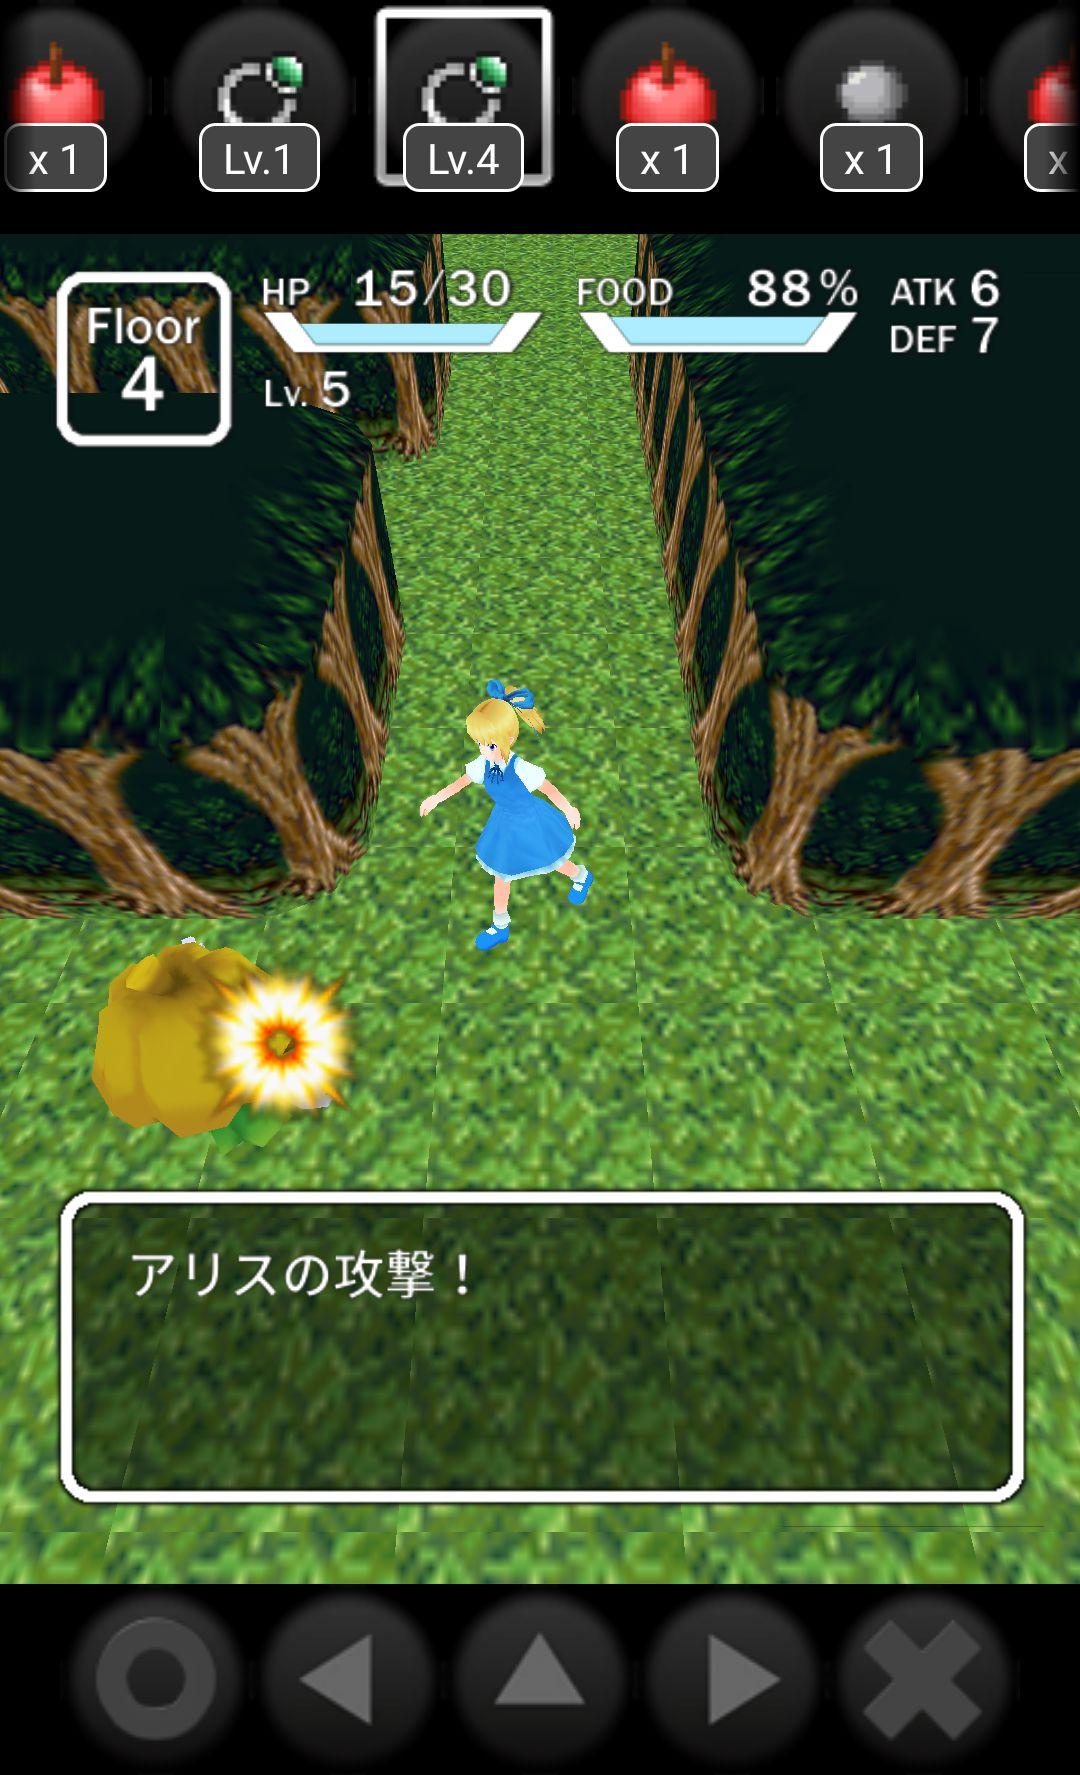 アリスと不思議な迷宮 3D androidアプリスクリーンショット1